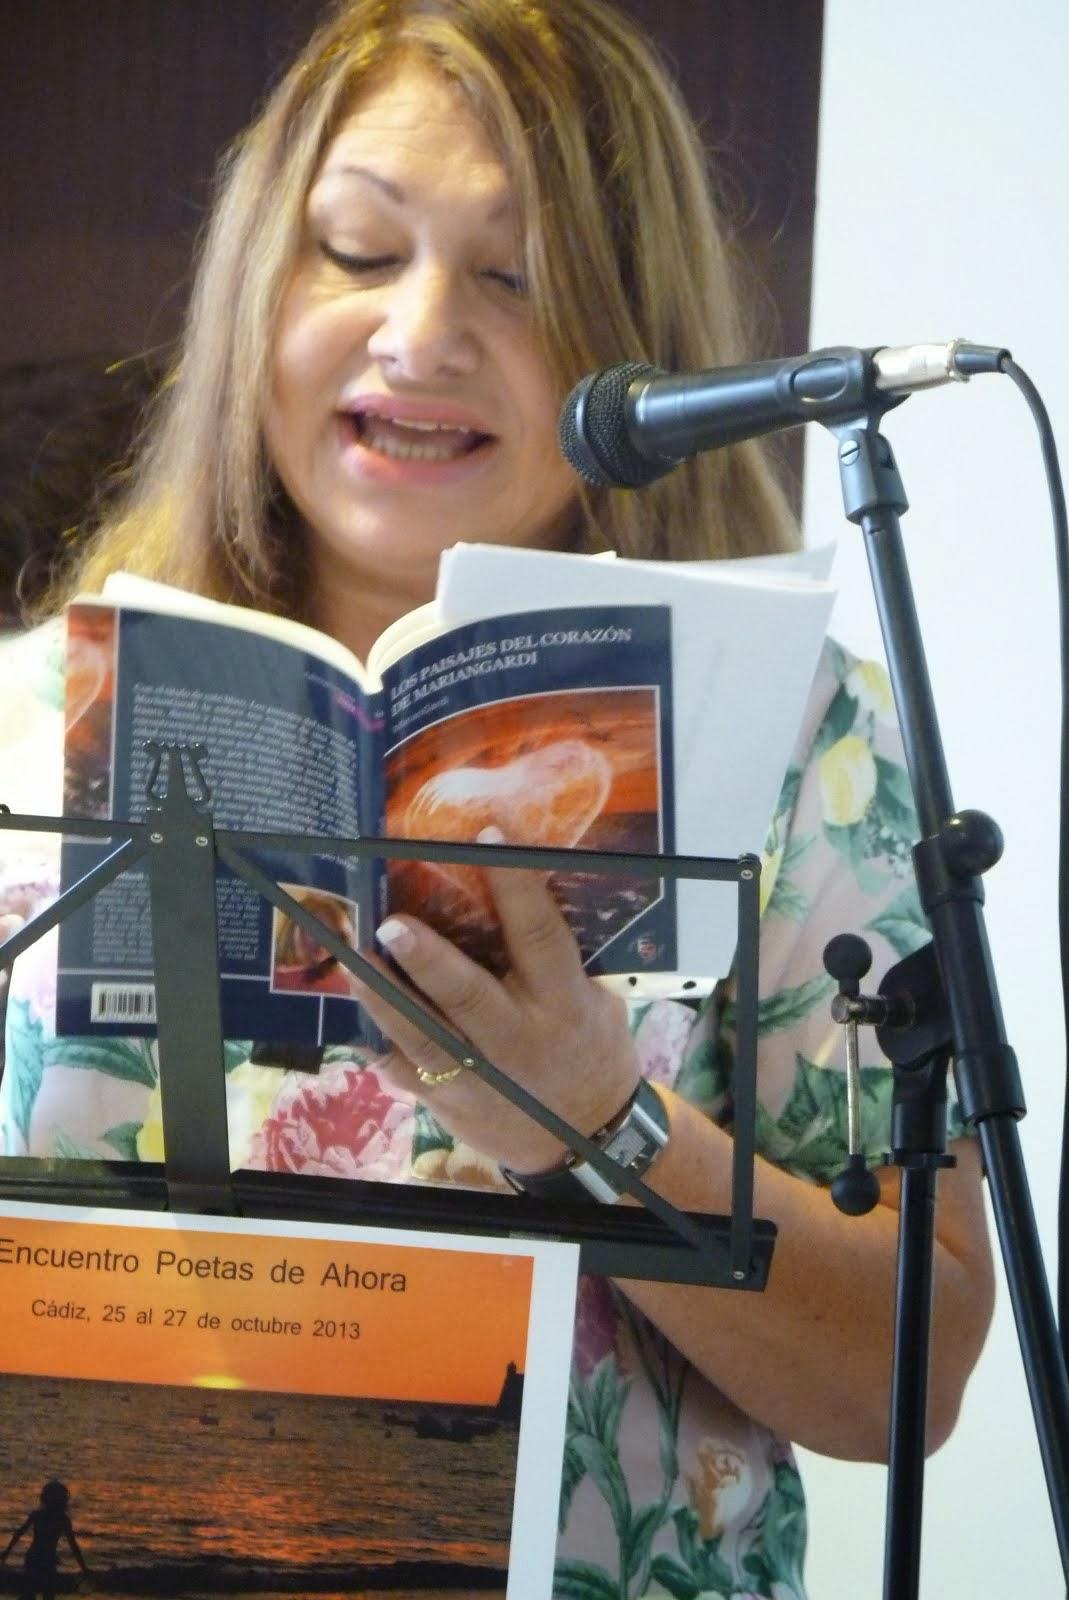 Encuentro de Poetas de Ahora en Cadiz